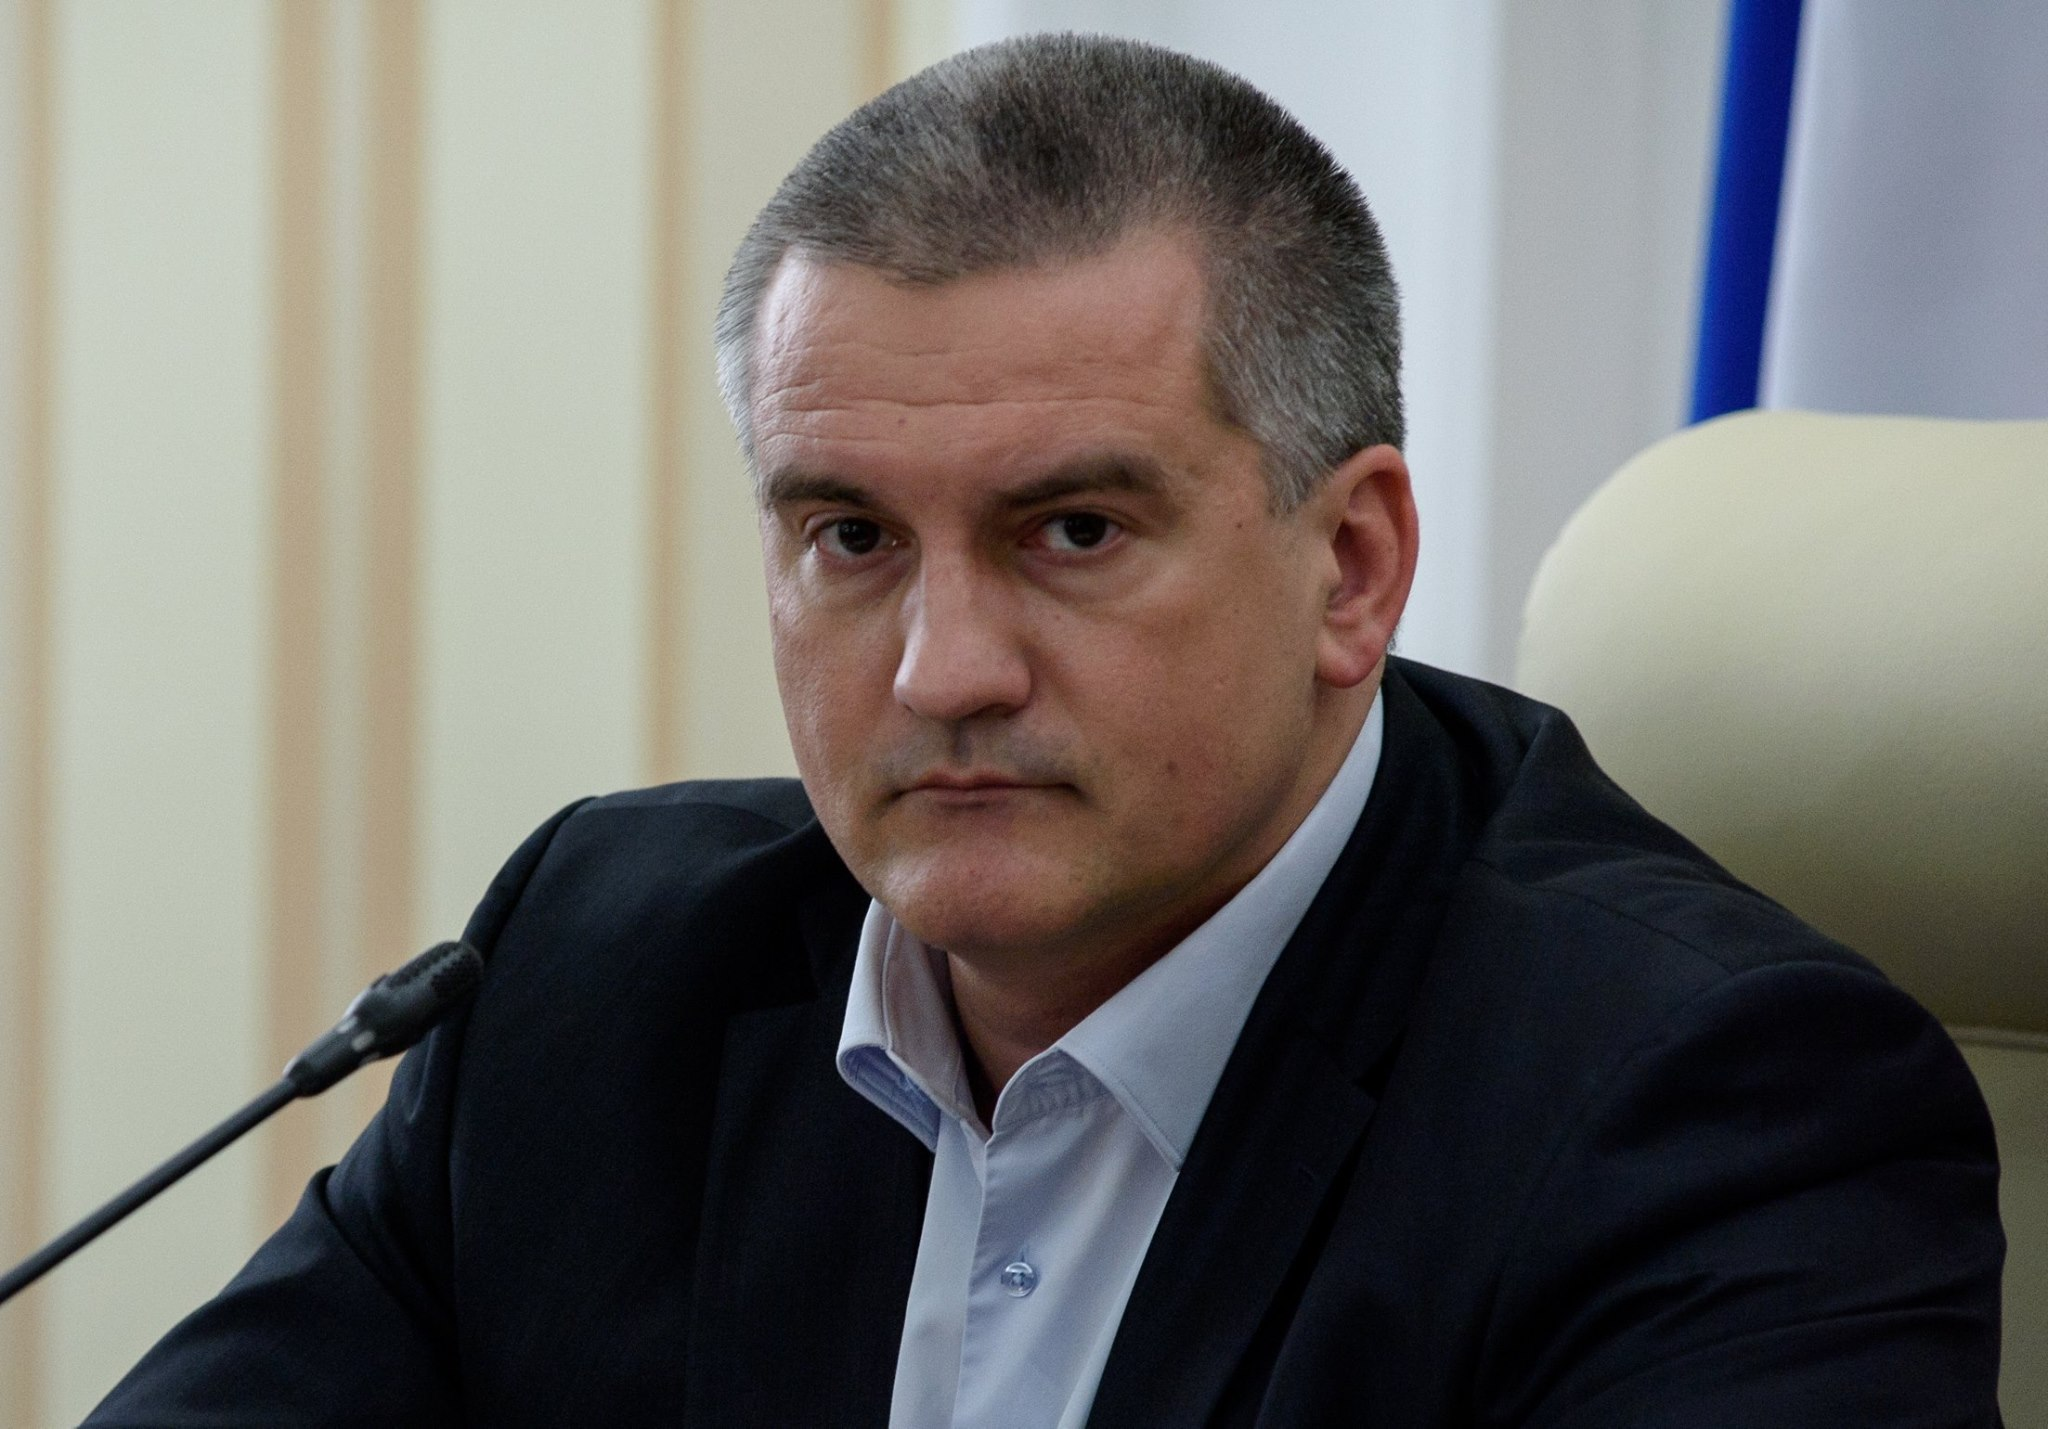 Аксенов пообещал публично «казнить» чиновников уже с завтрашнего дня